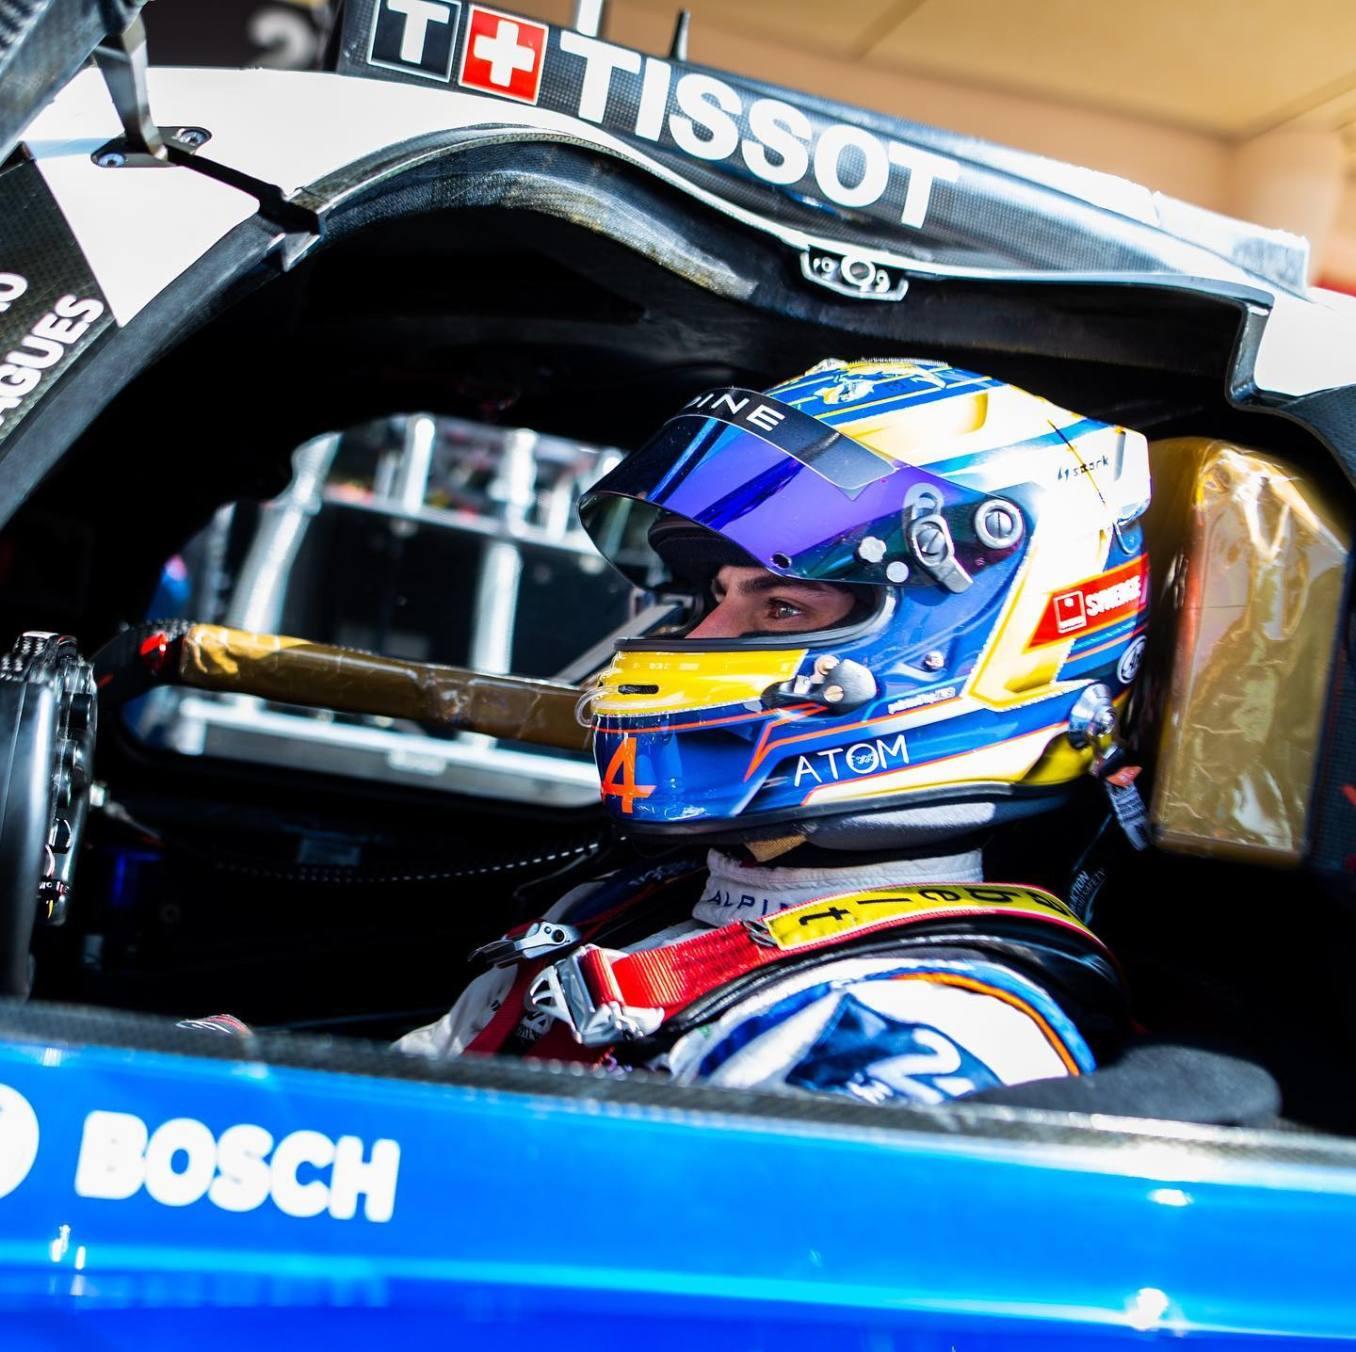 Signatech Alpine A470 Laurent Ragues Negrao Bahrein WEC 2020 LMP2 19 | Signatech Alpine atteint la 5ème place à Bahreïn